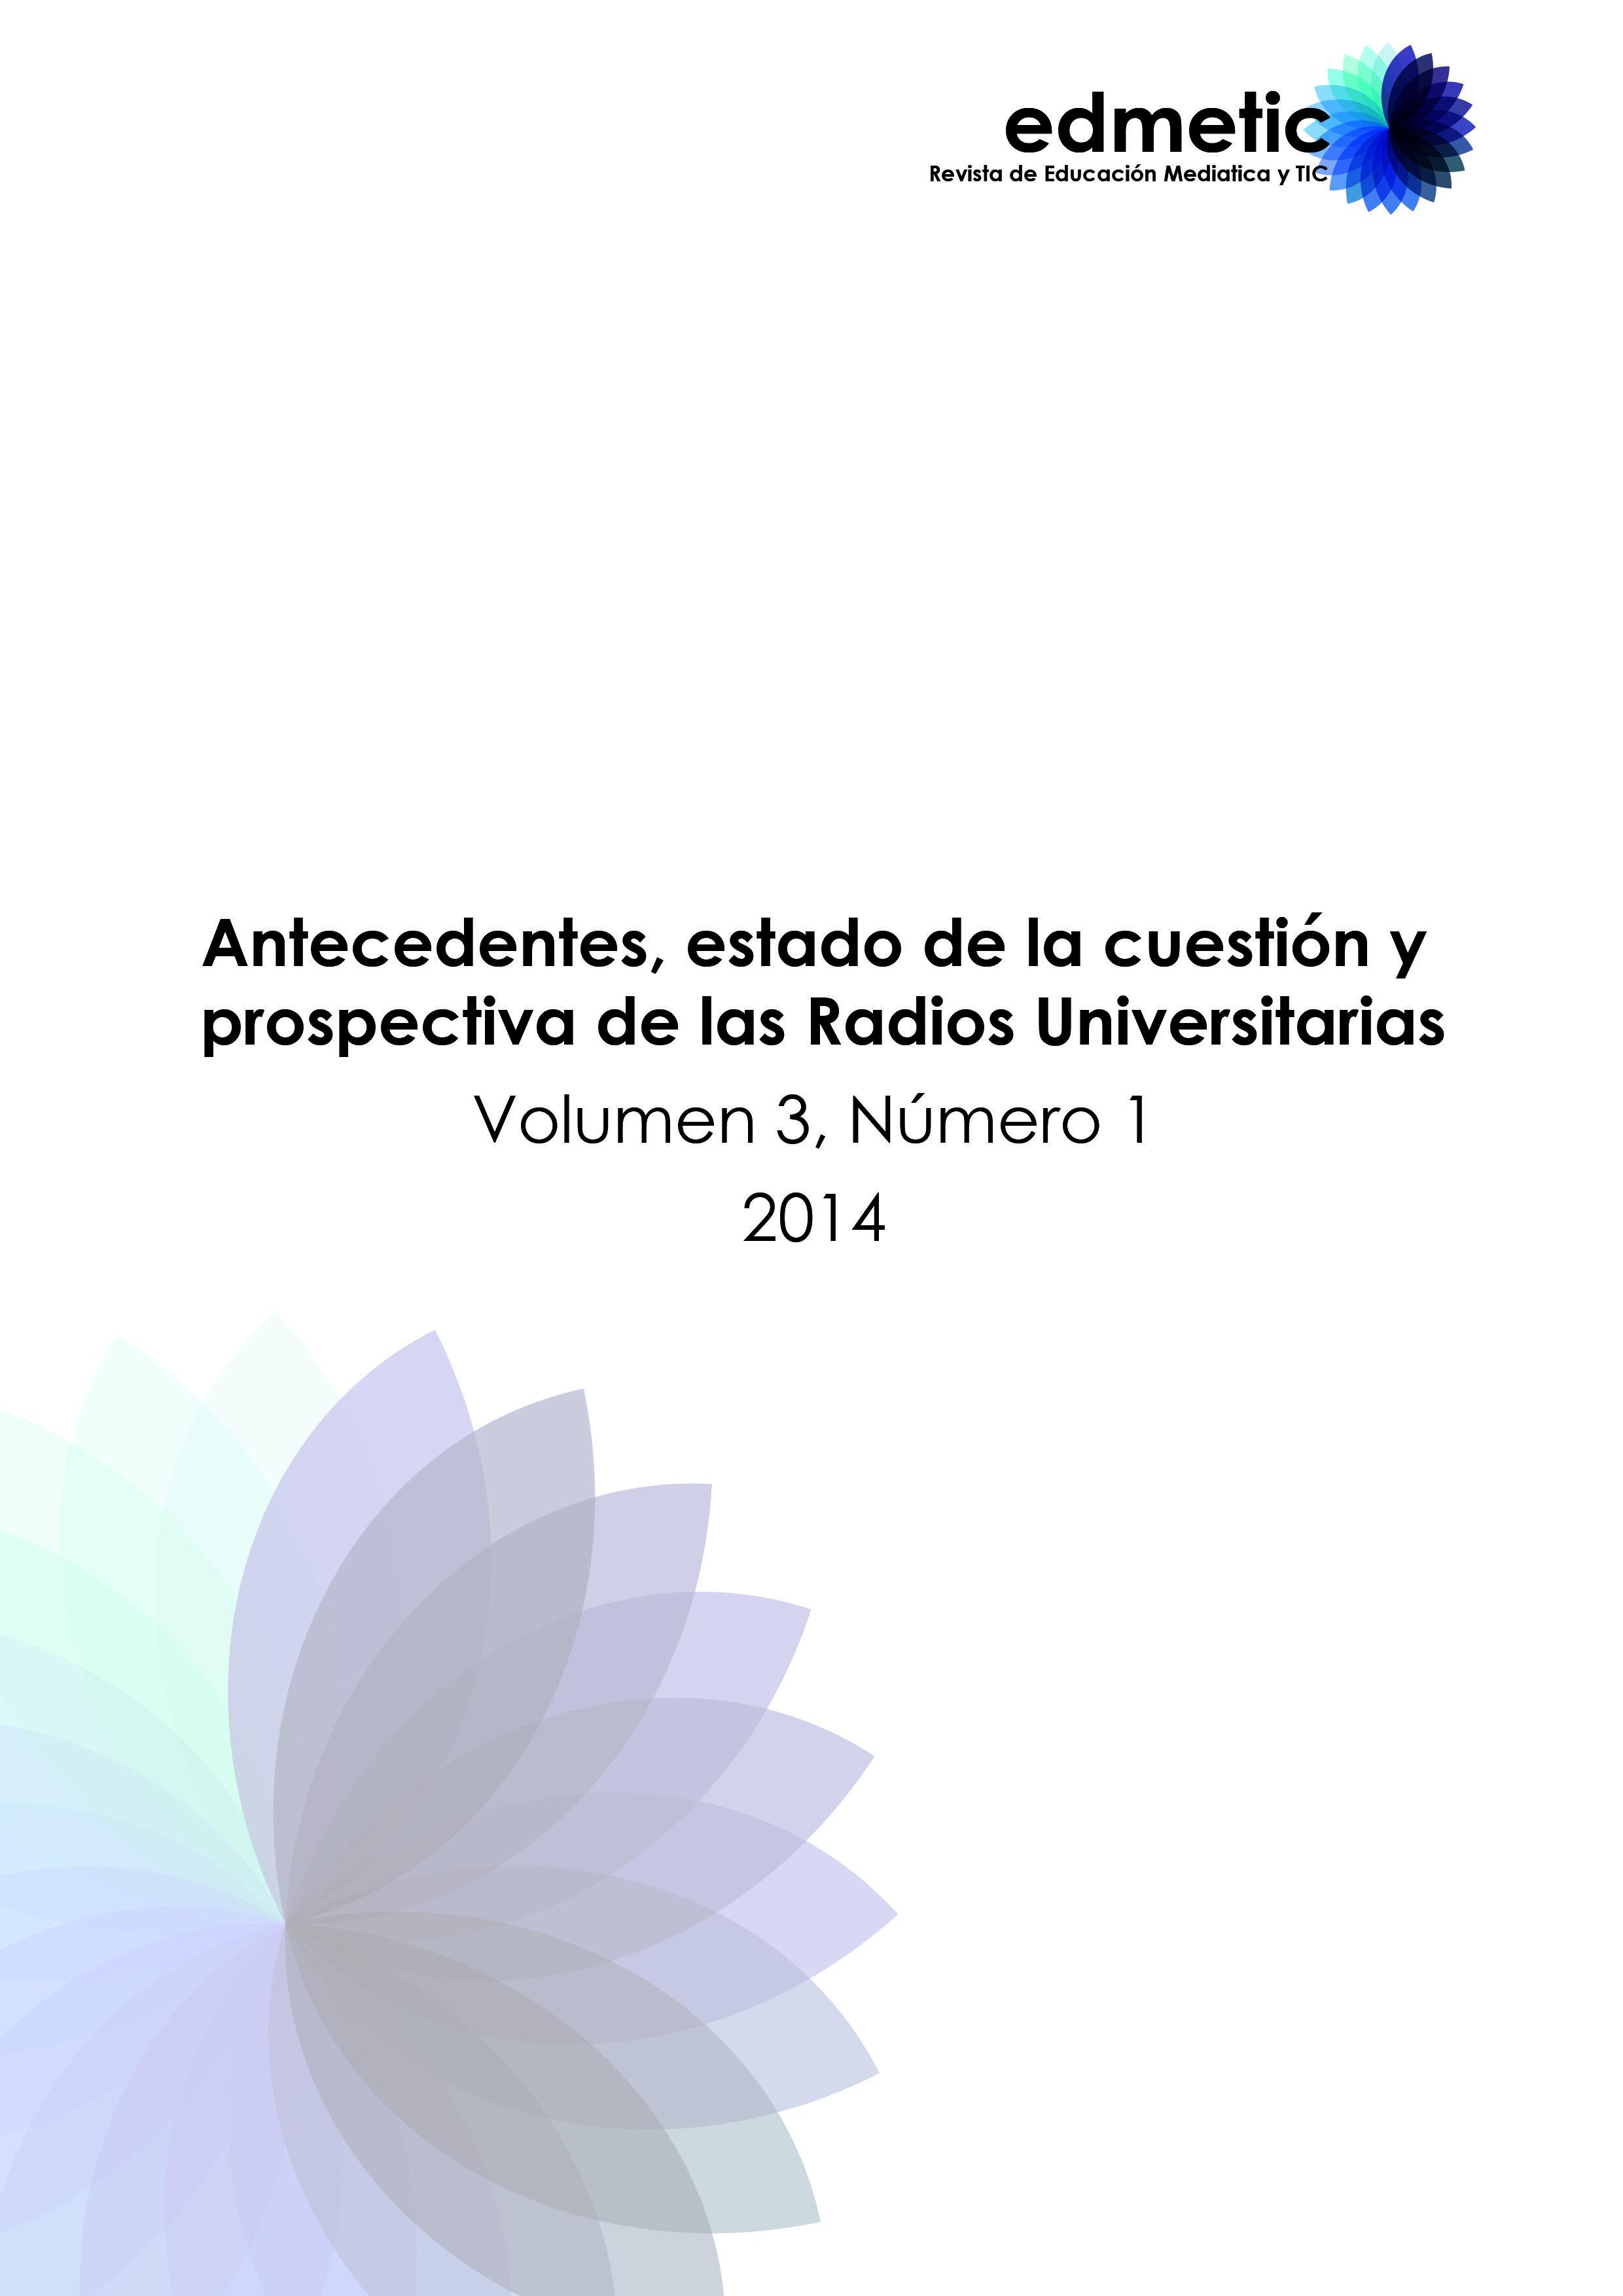 Edmetic- Revista de Educación Mediática y Tic - Facultad de Ciencias de la Educación. Córdoba